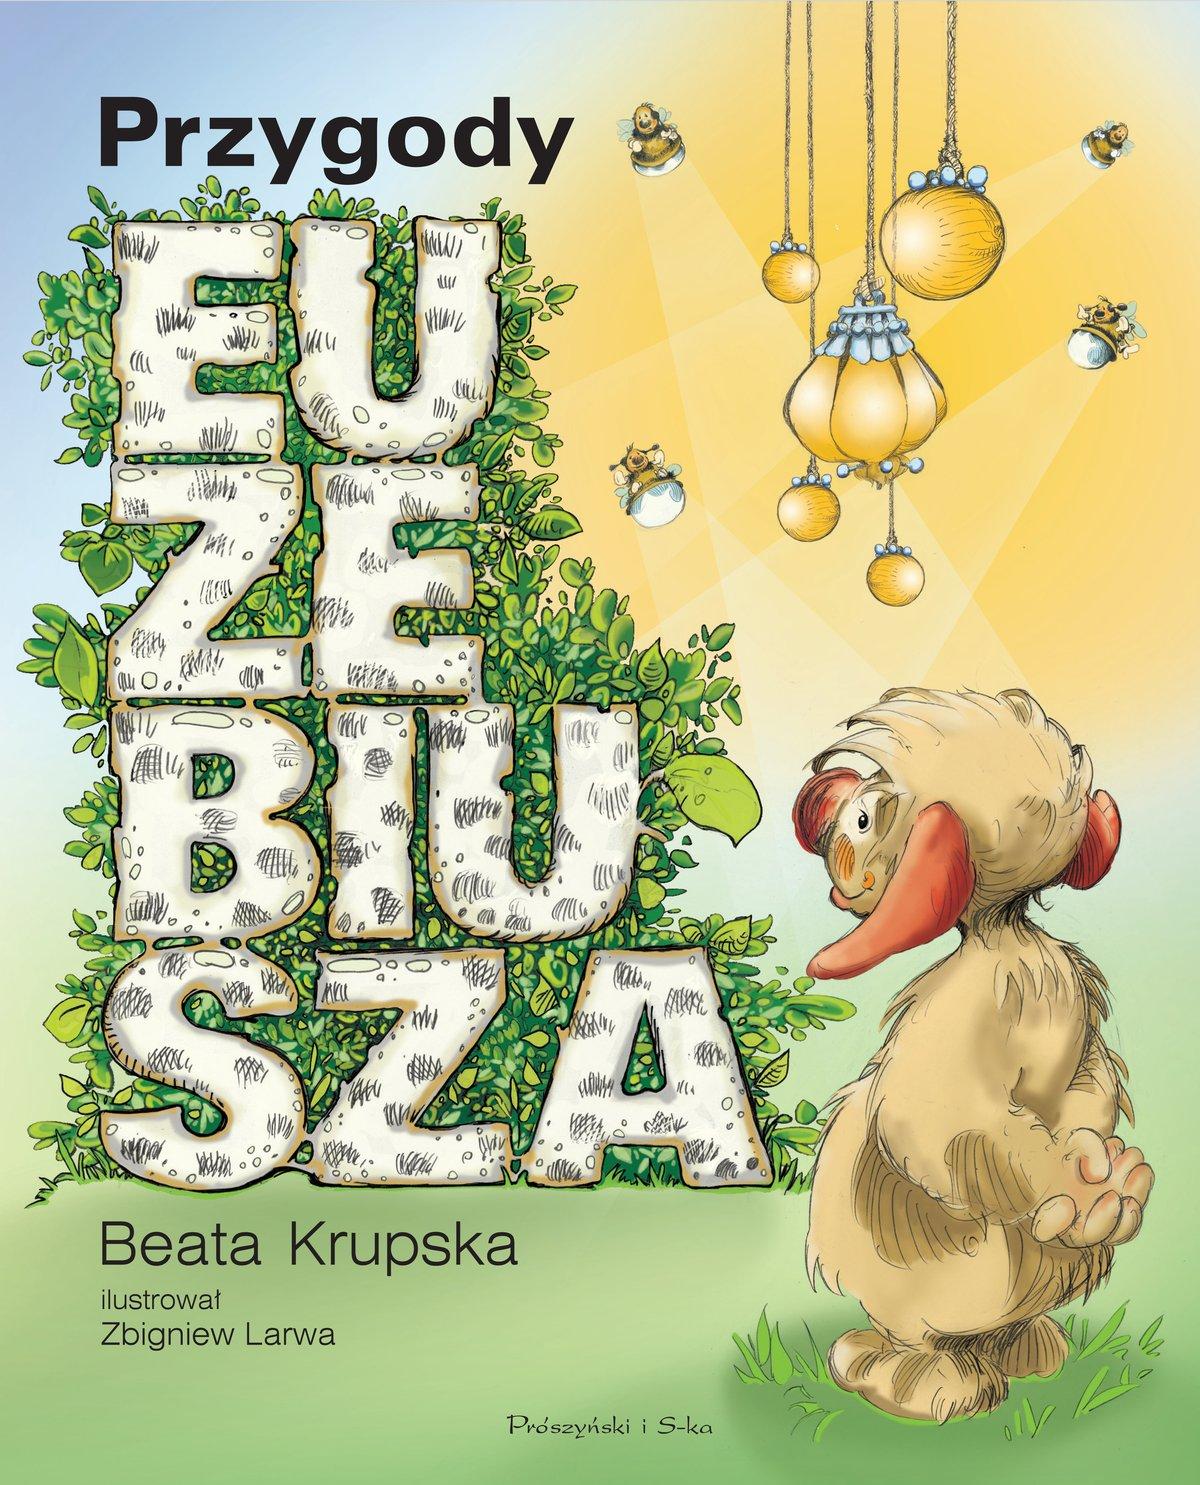 Przygody Euzebiusza - Ebook (Książka na Kindle) do pobrania w formacie MOBI